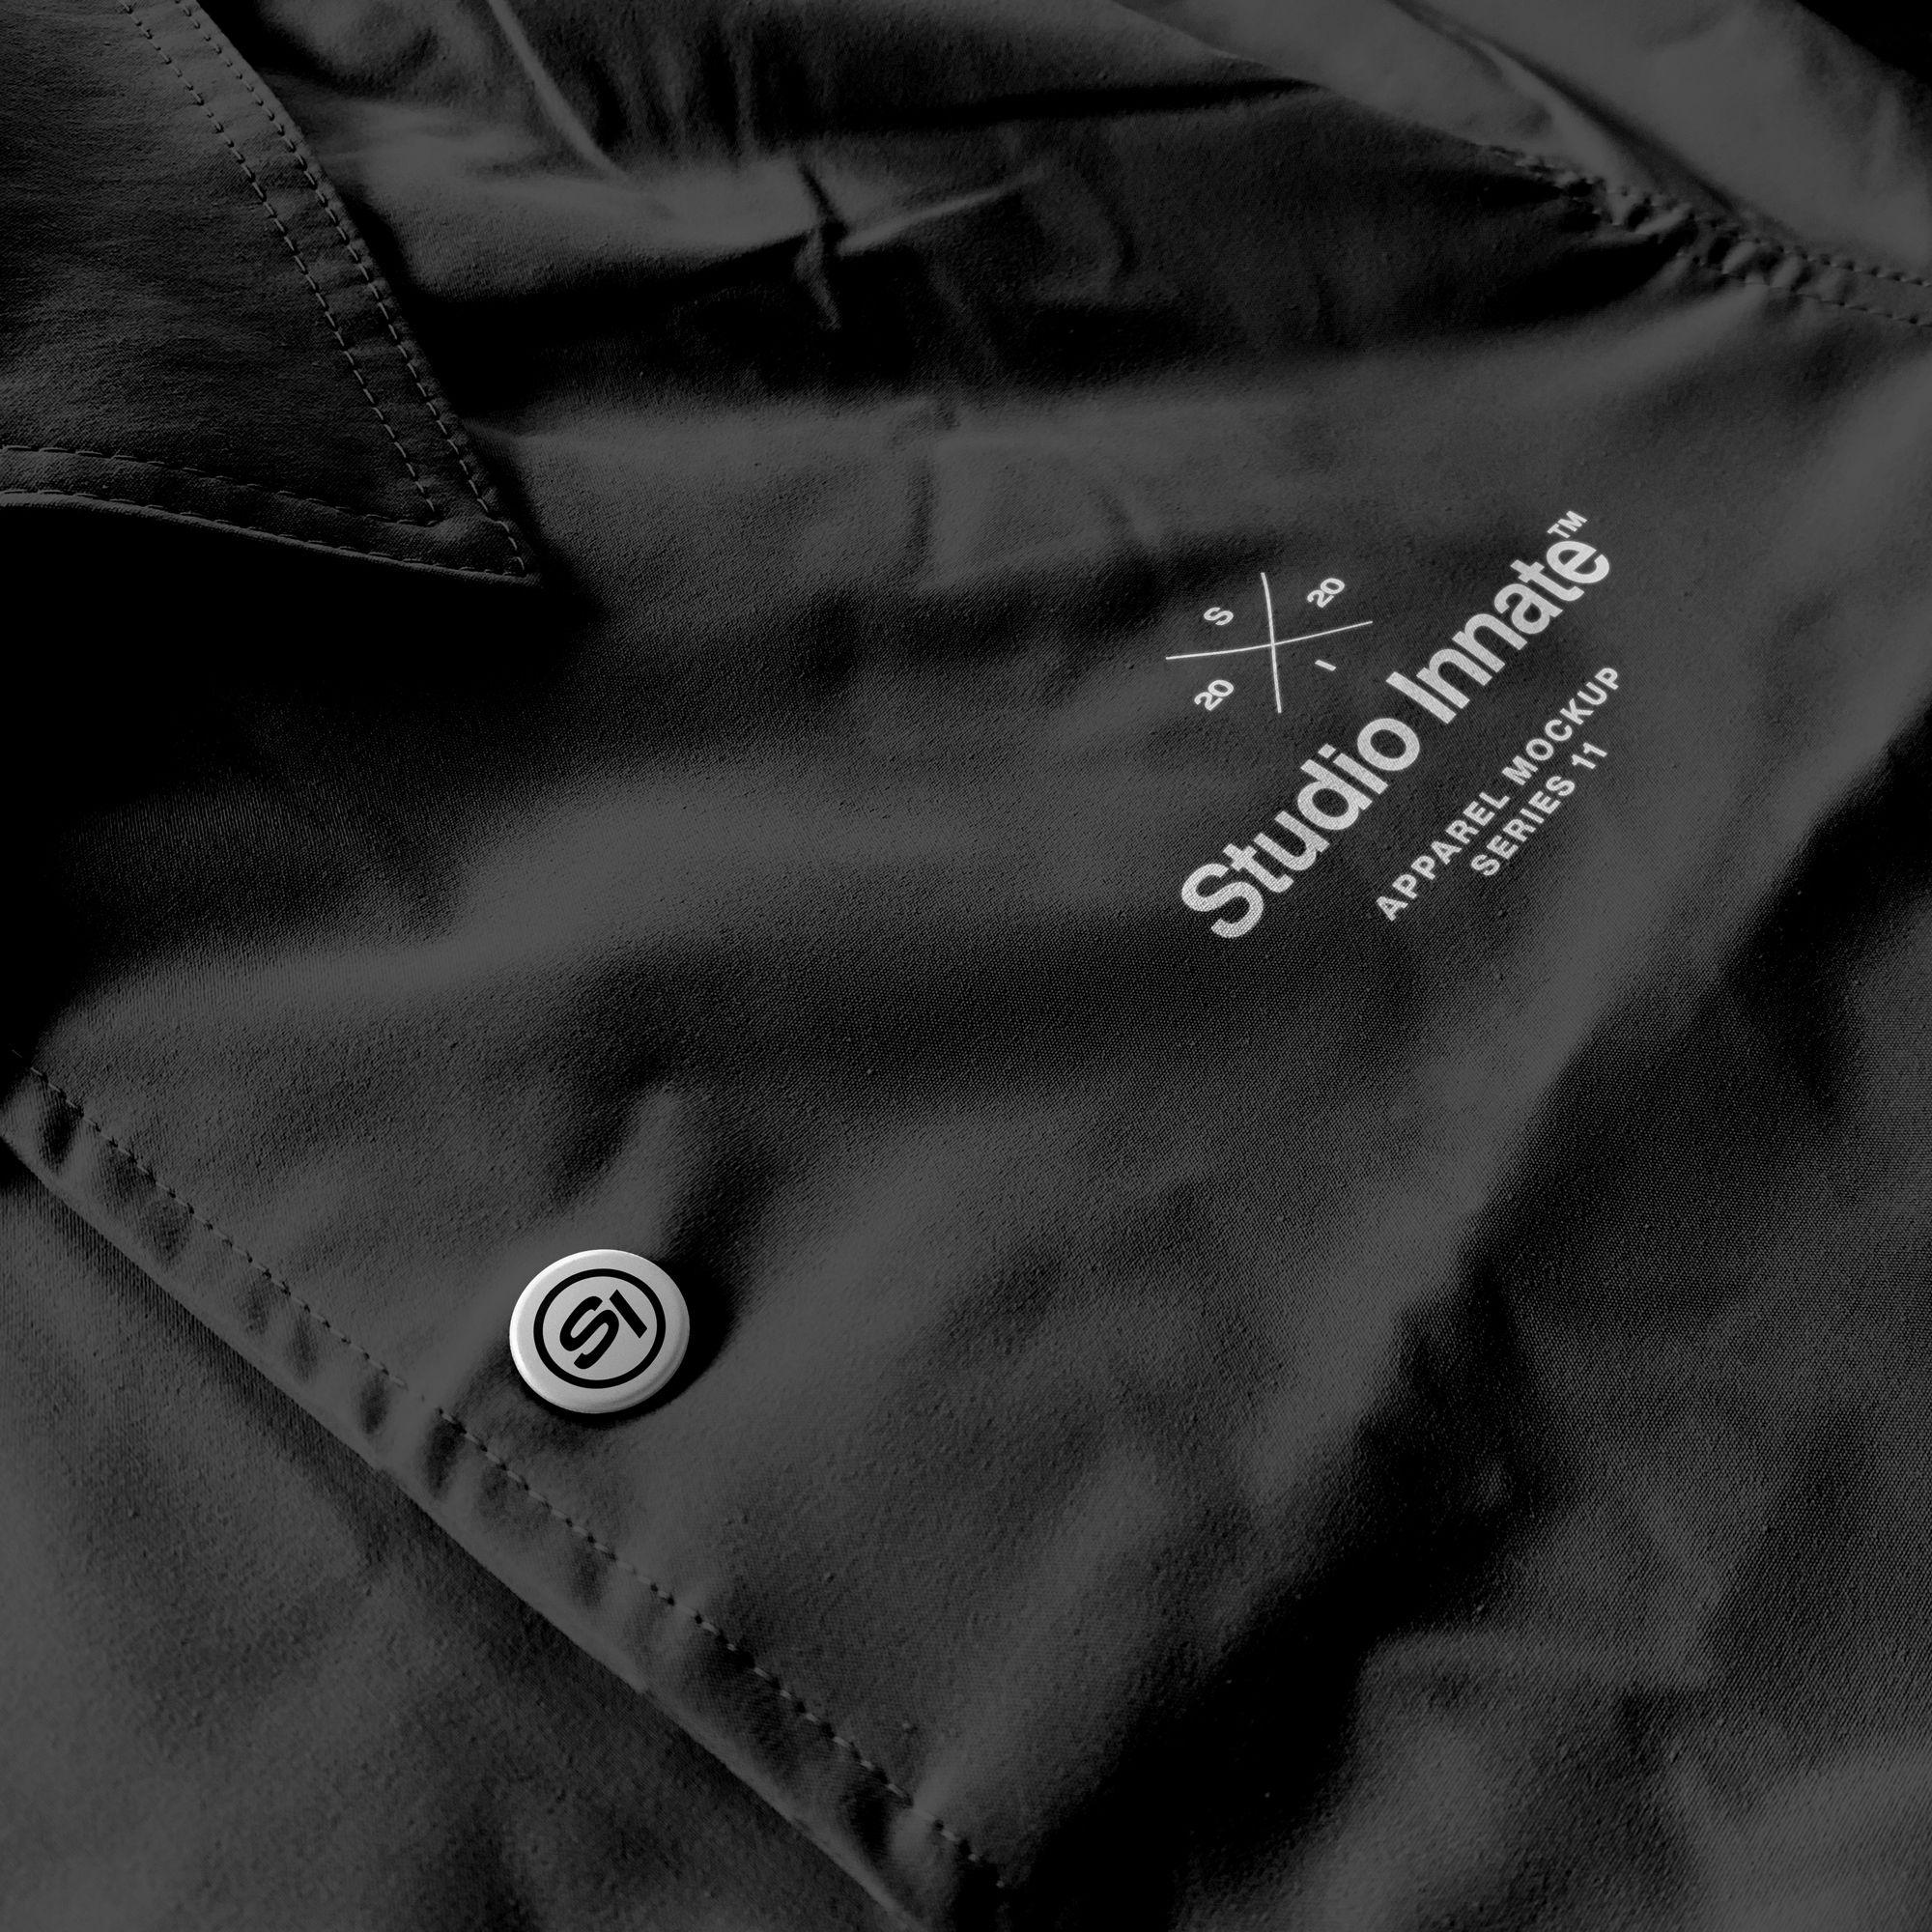 教练长袖夹克衫设计展示样机模板合集 Coach Jacket – Mockup Bundle插图(1)